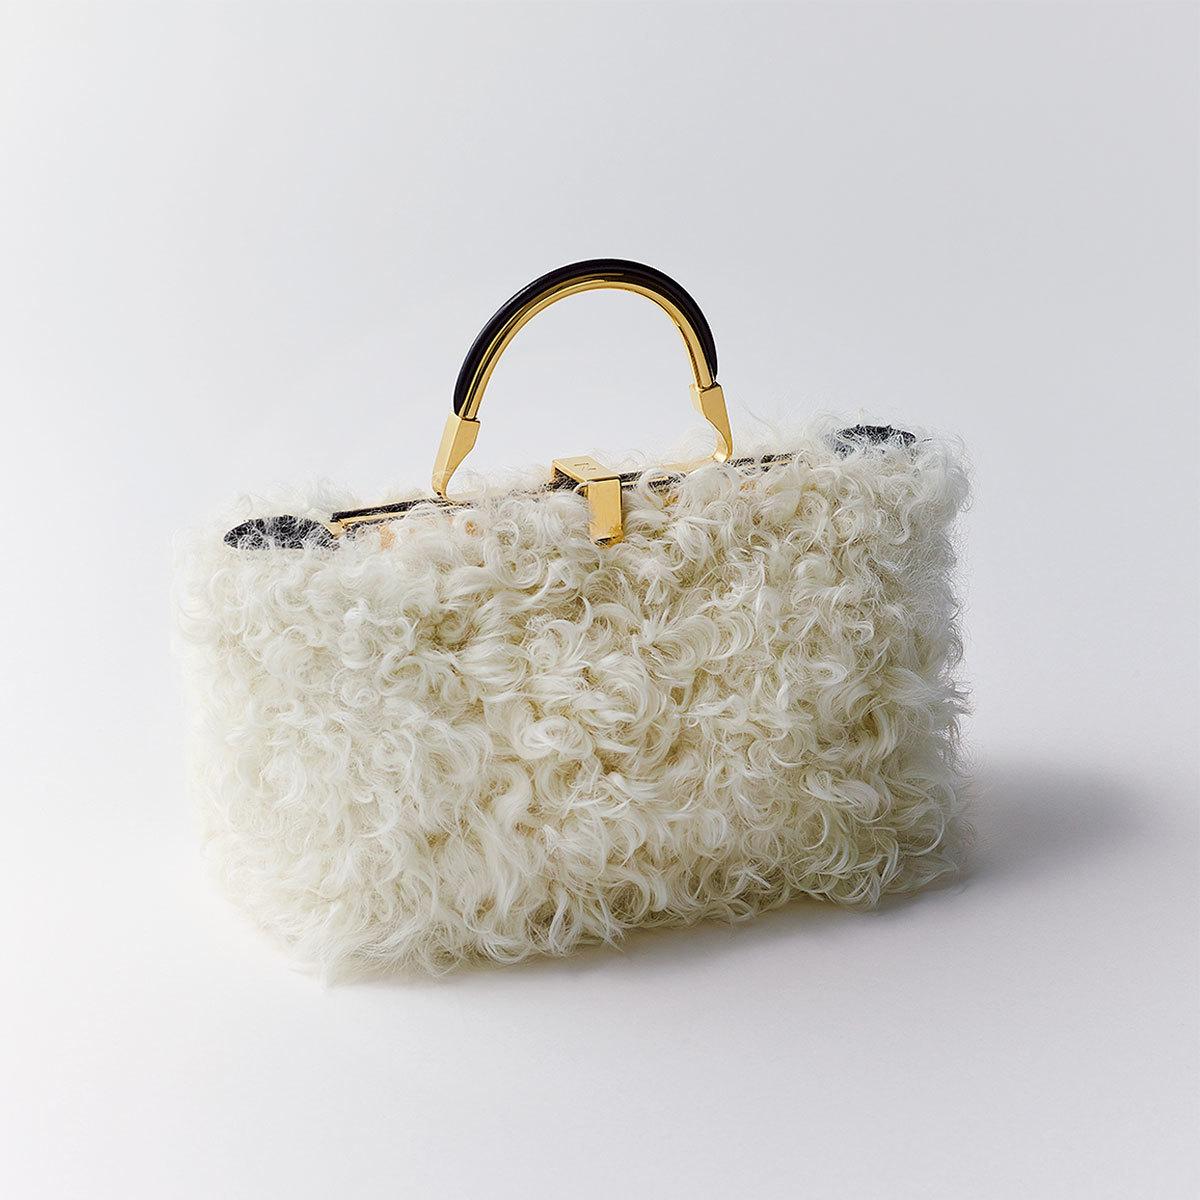 ザンケッティのファーバッグ